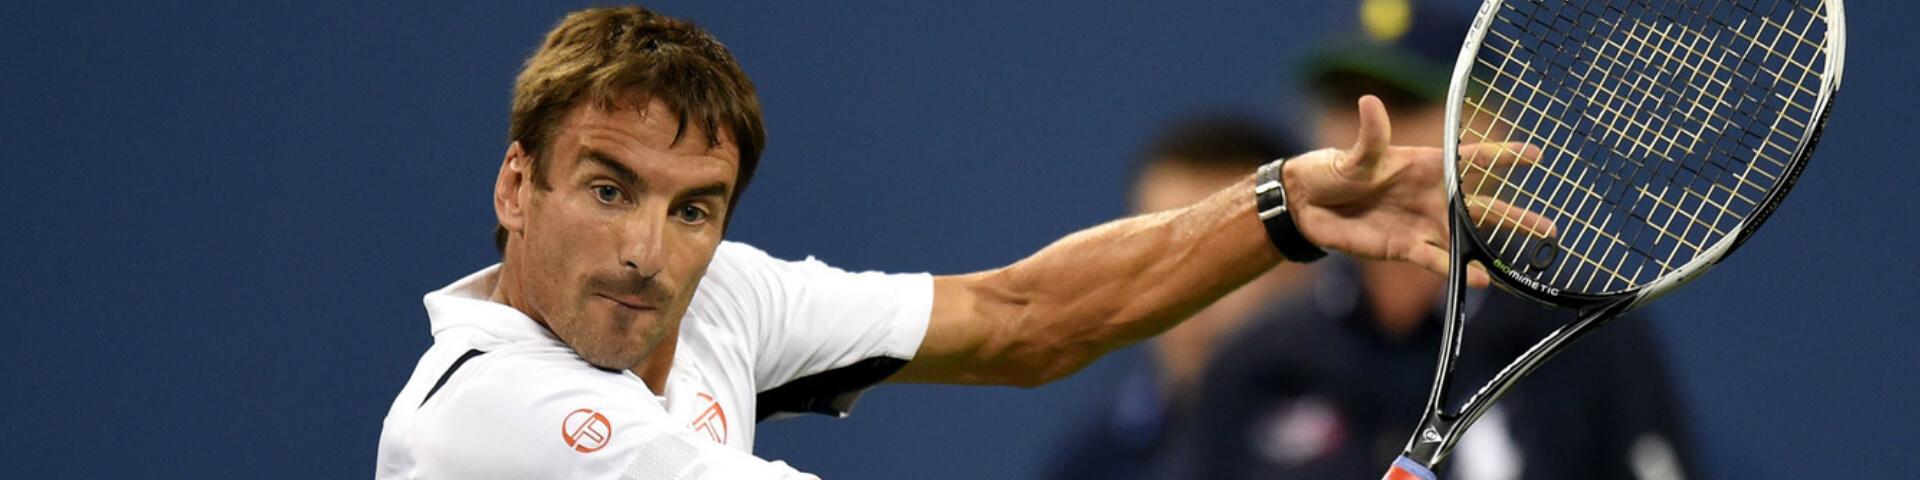 Испанскому теннисисту постоянно угрожают лудоманы